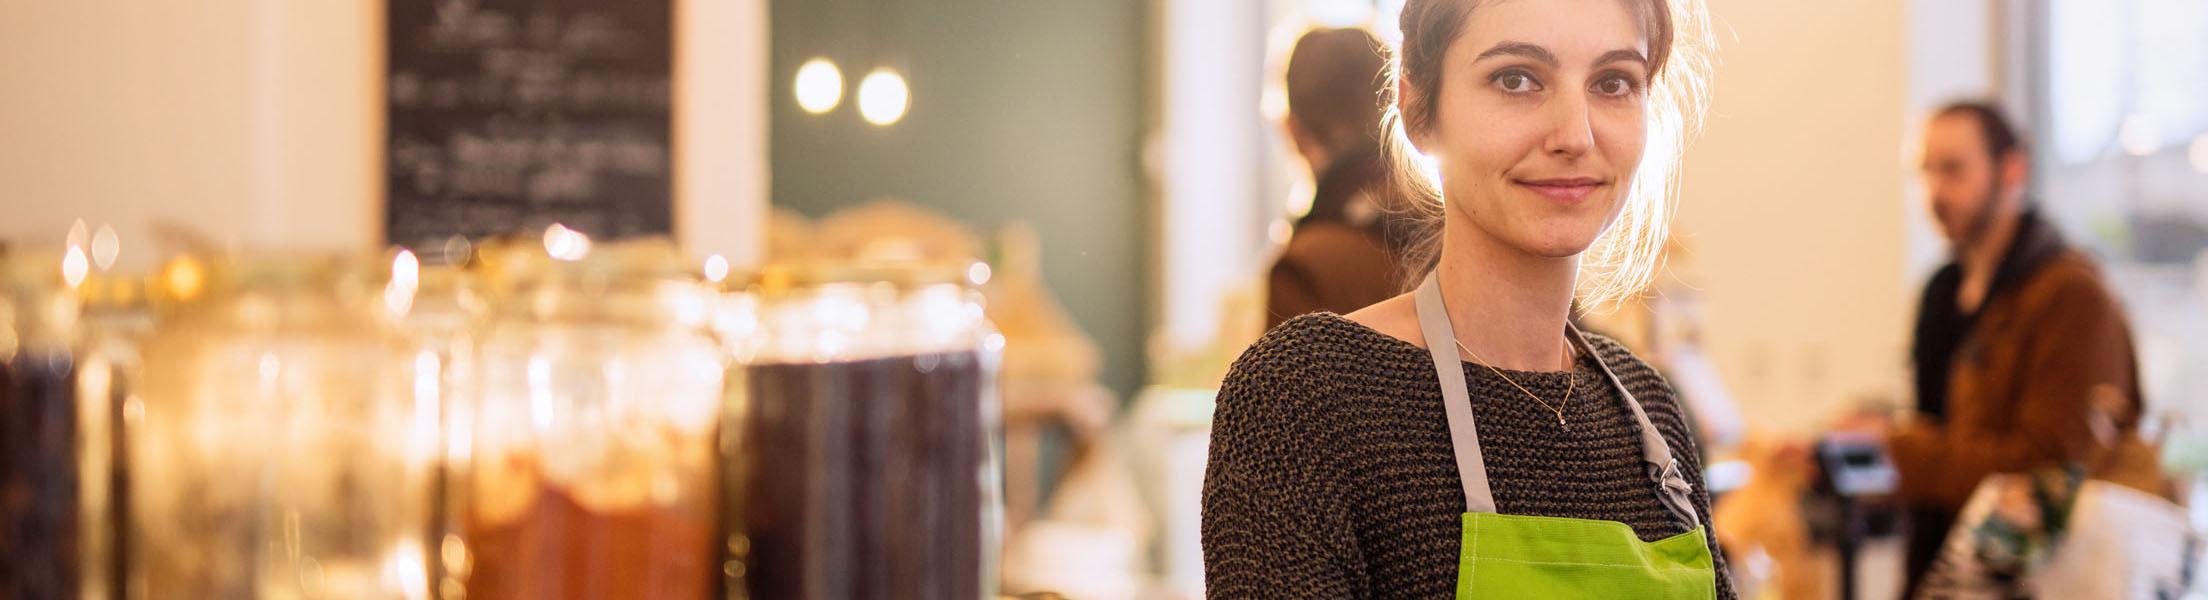 Junge Frau mit Schürze arbeitet in Unverpackt-Laden und verkauft Lebensmittel aus Gläsern.